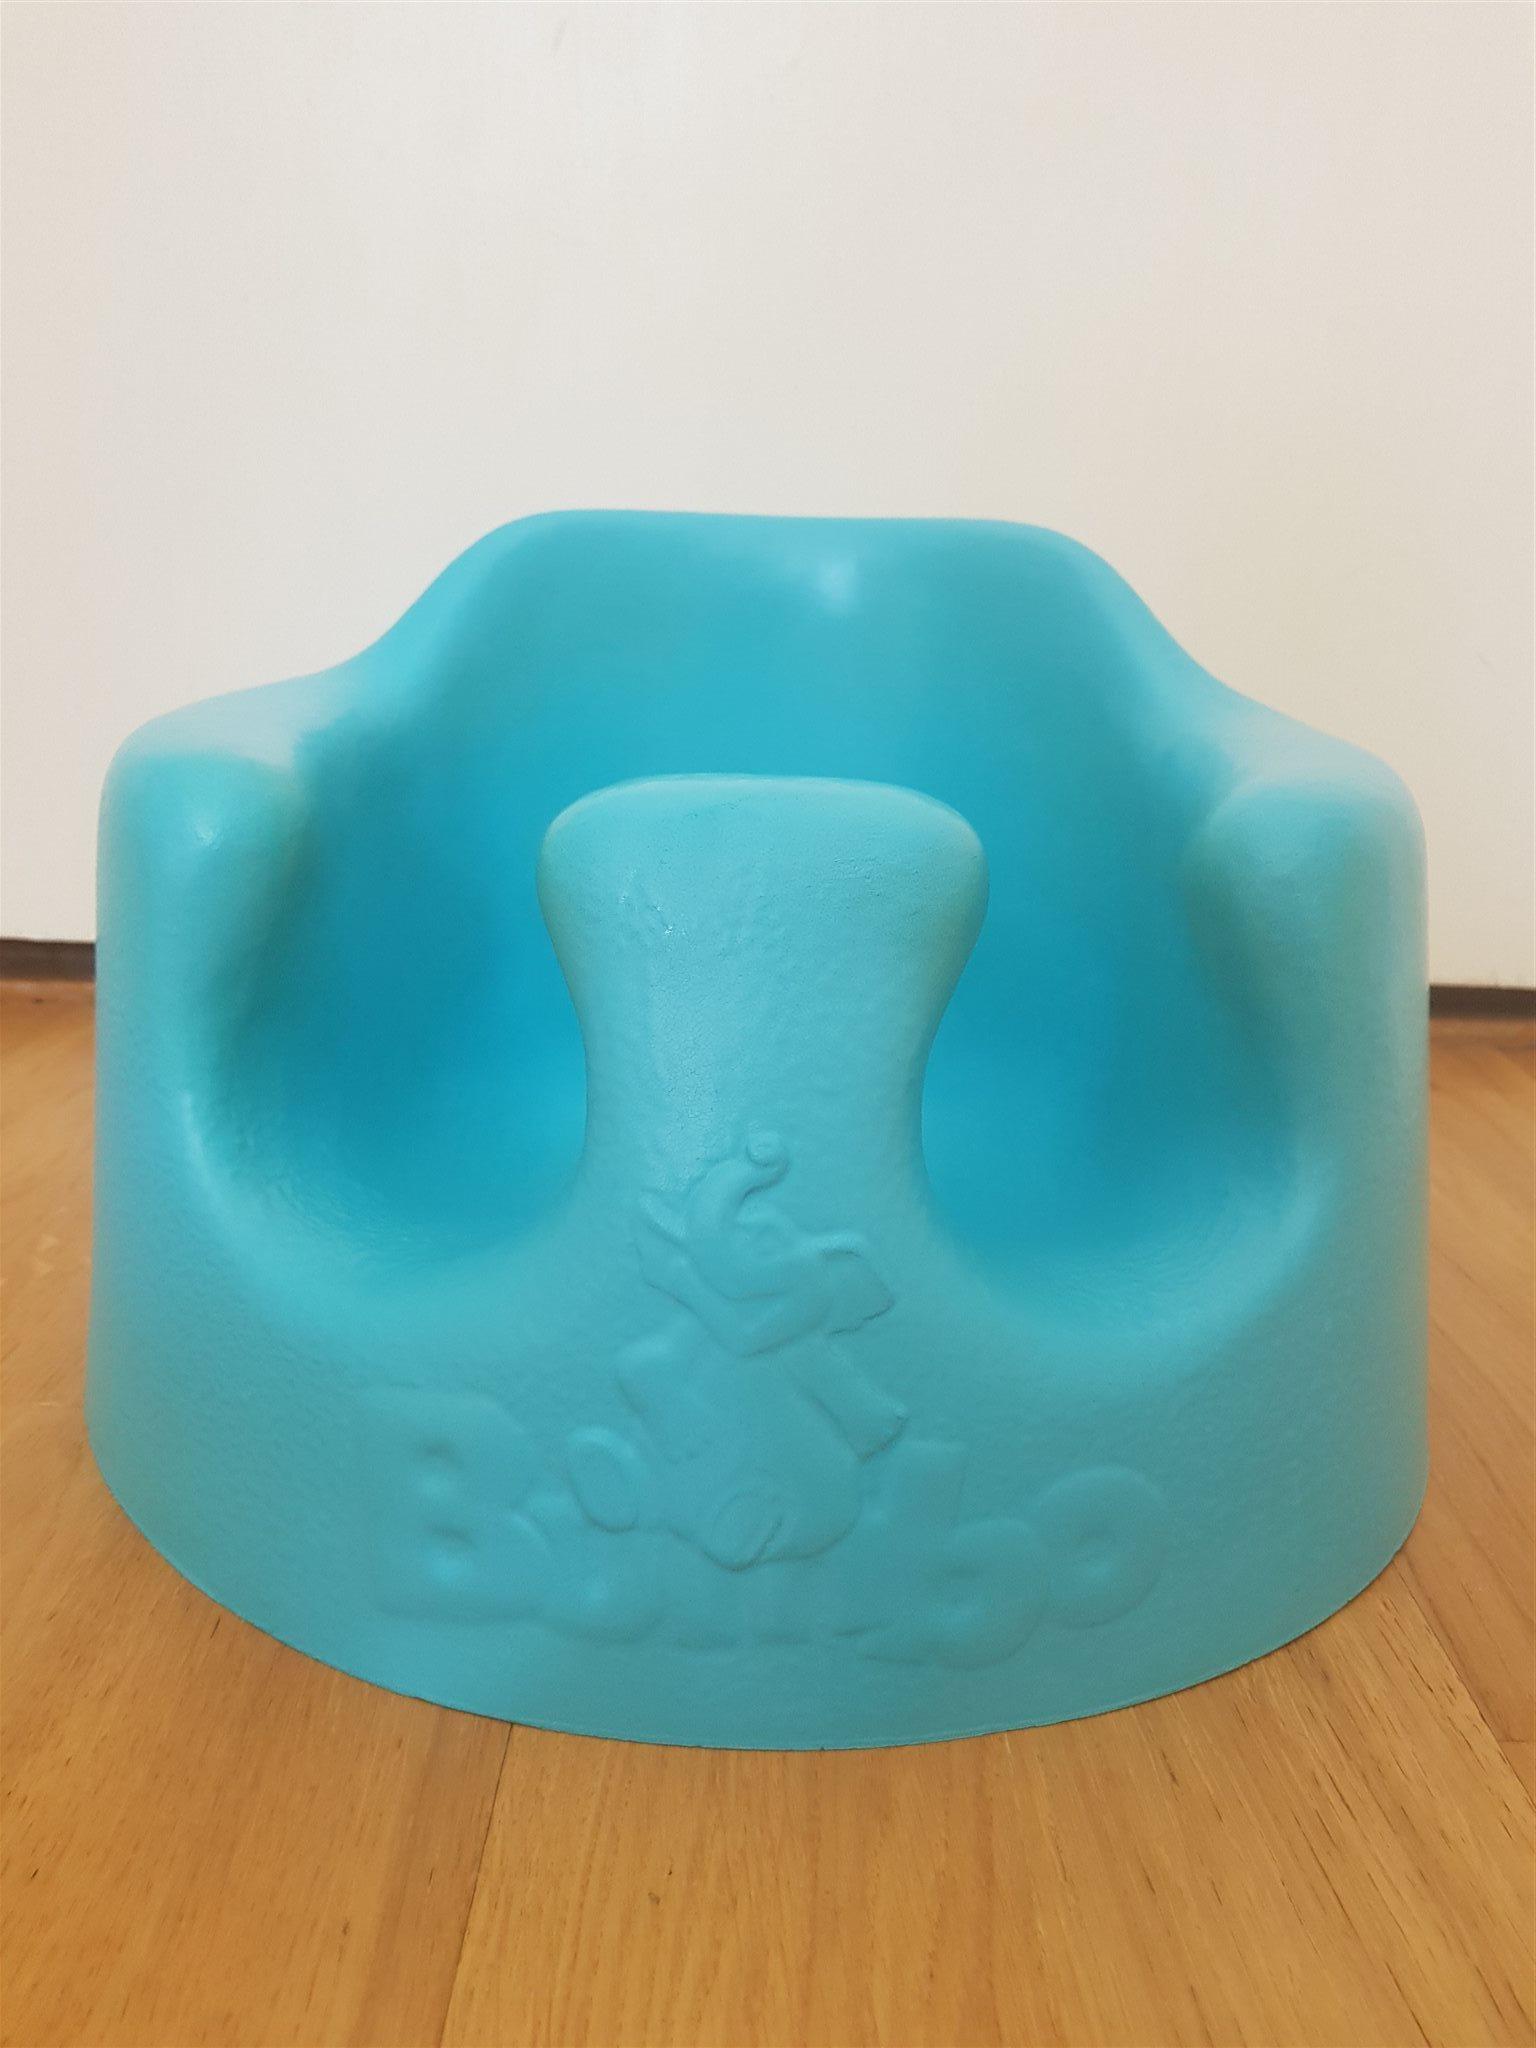 nok Blå bumbo stol till baby babysitter (307071459) ᐈ Köp på Tradera WD-59